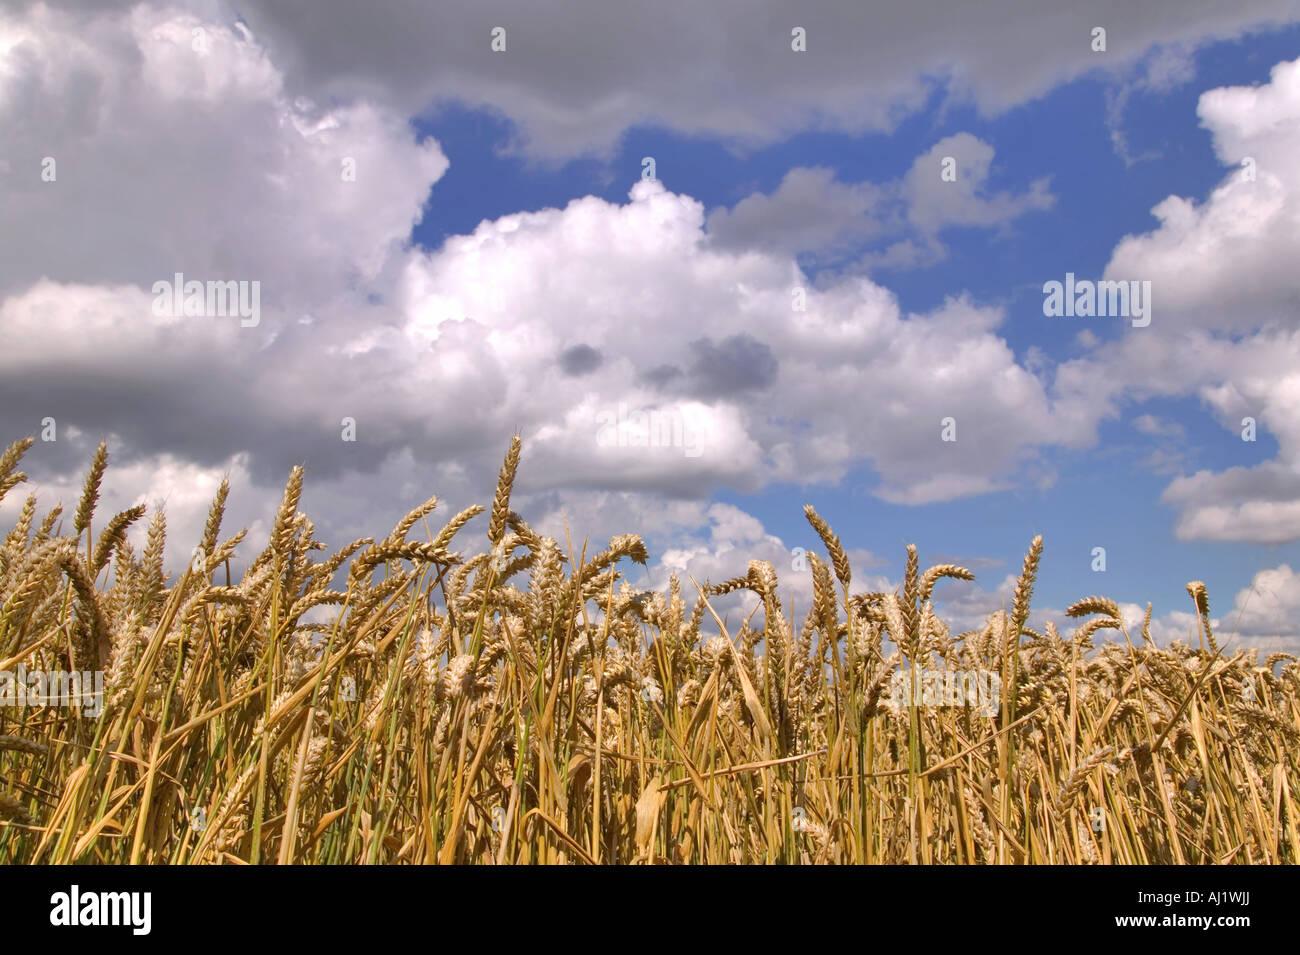 Campo de trigo bajo un cielo nublado azul Imagen De Stock